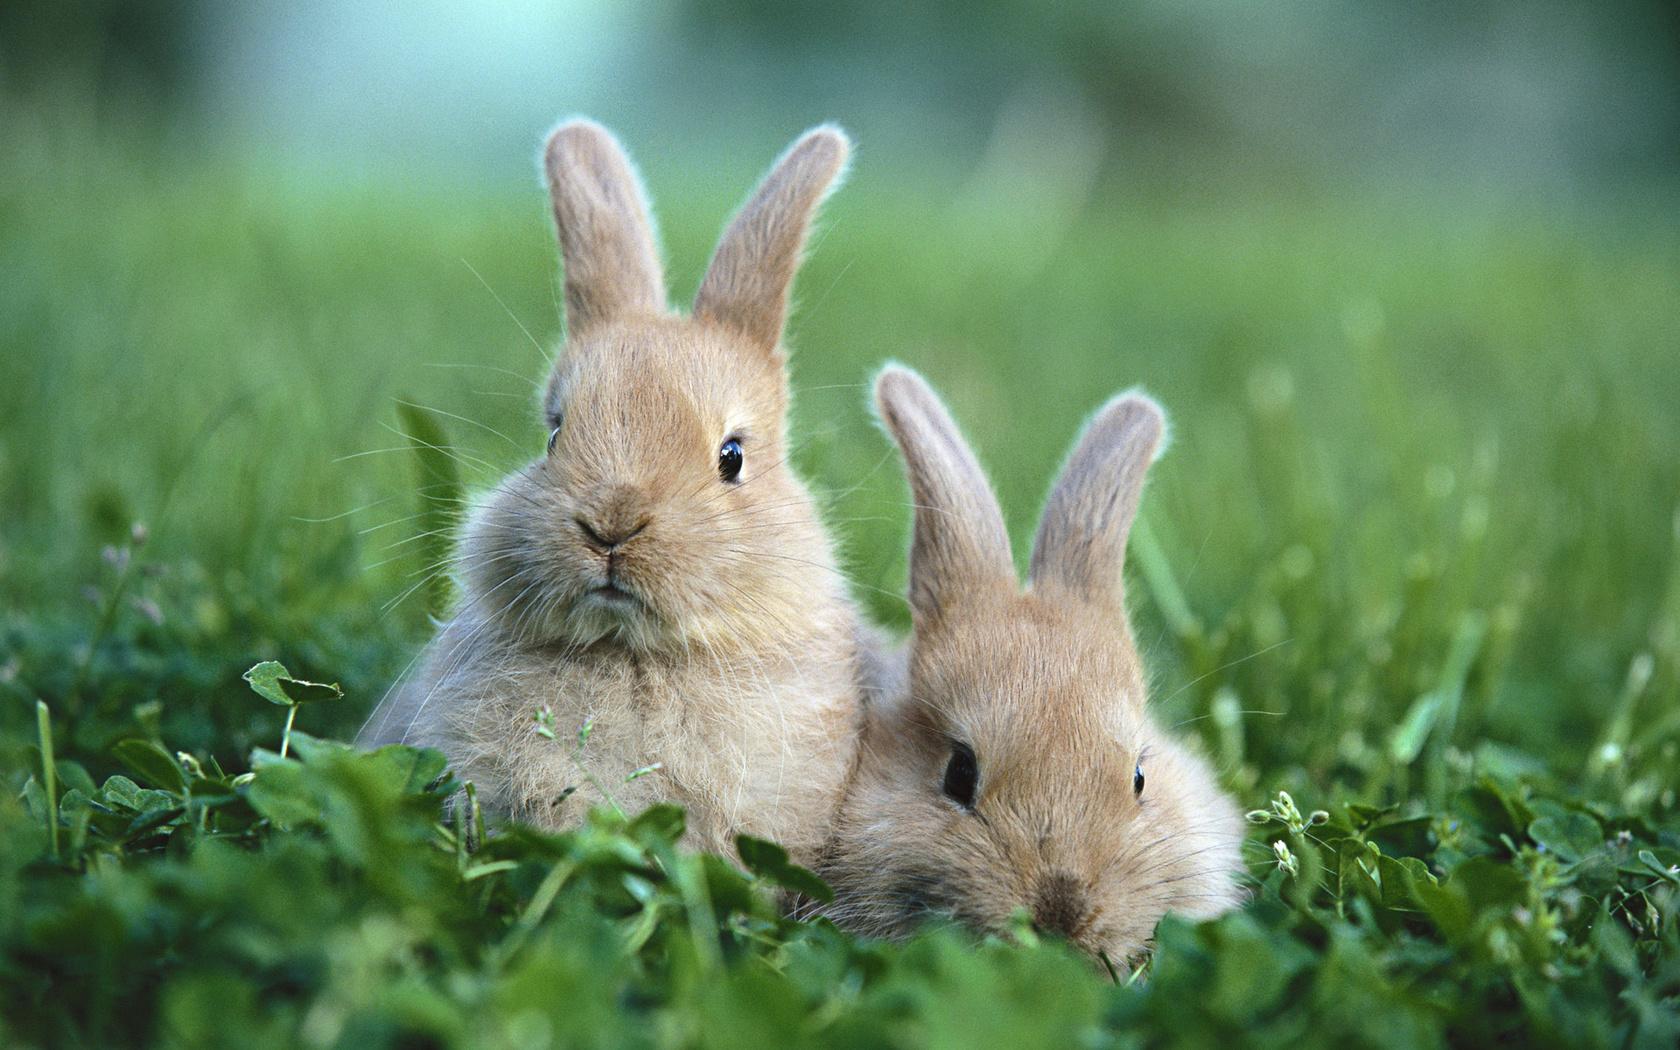 Кролики серого цвета предрекают монотонность во всех отношениях, то есть, и на работе, и в семье будет все оставаться так, как есть в настоящее время.